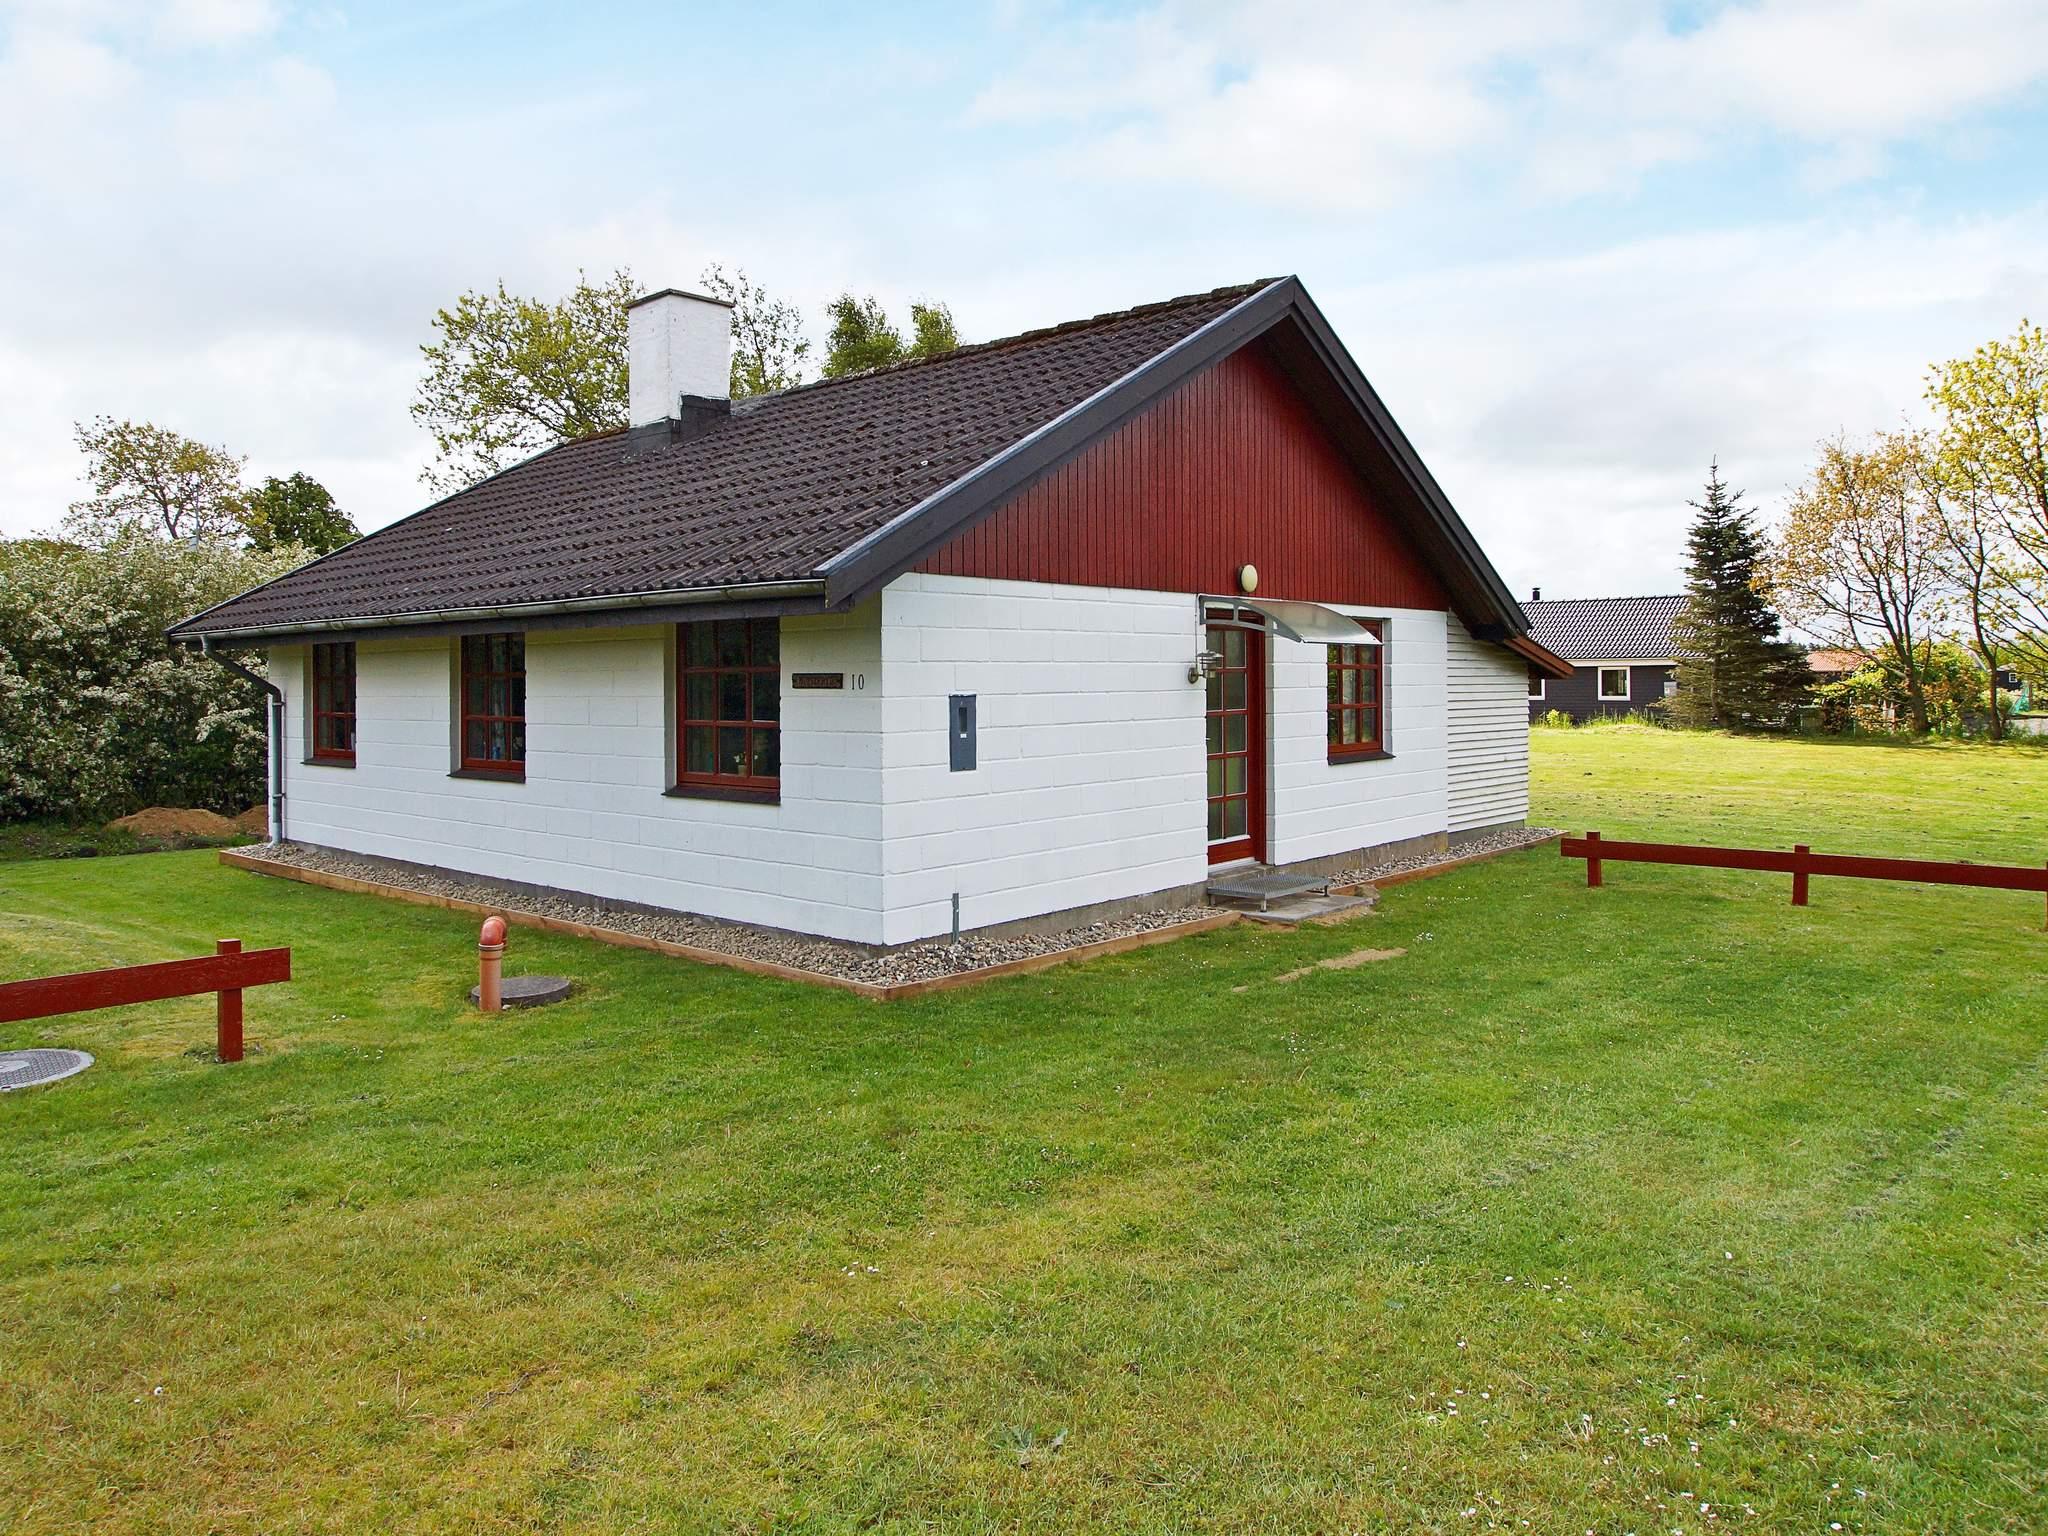 Maison de vacances Skaven Strand (81760), Tarm, , Jutland Ouest, Danemark, image 12